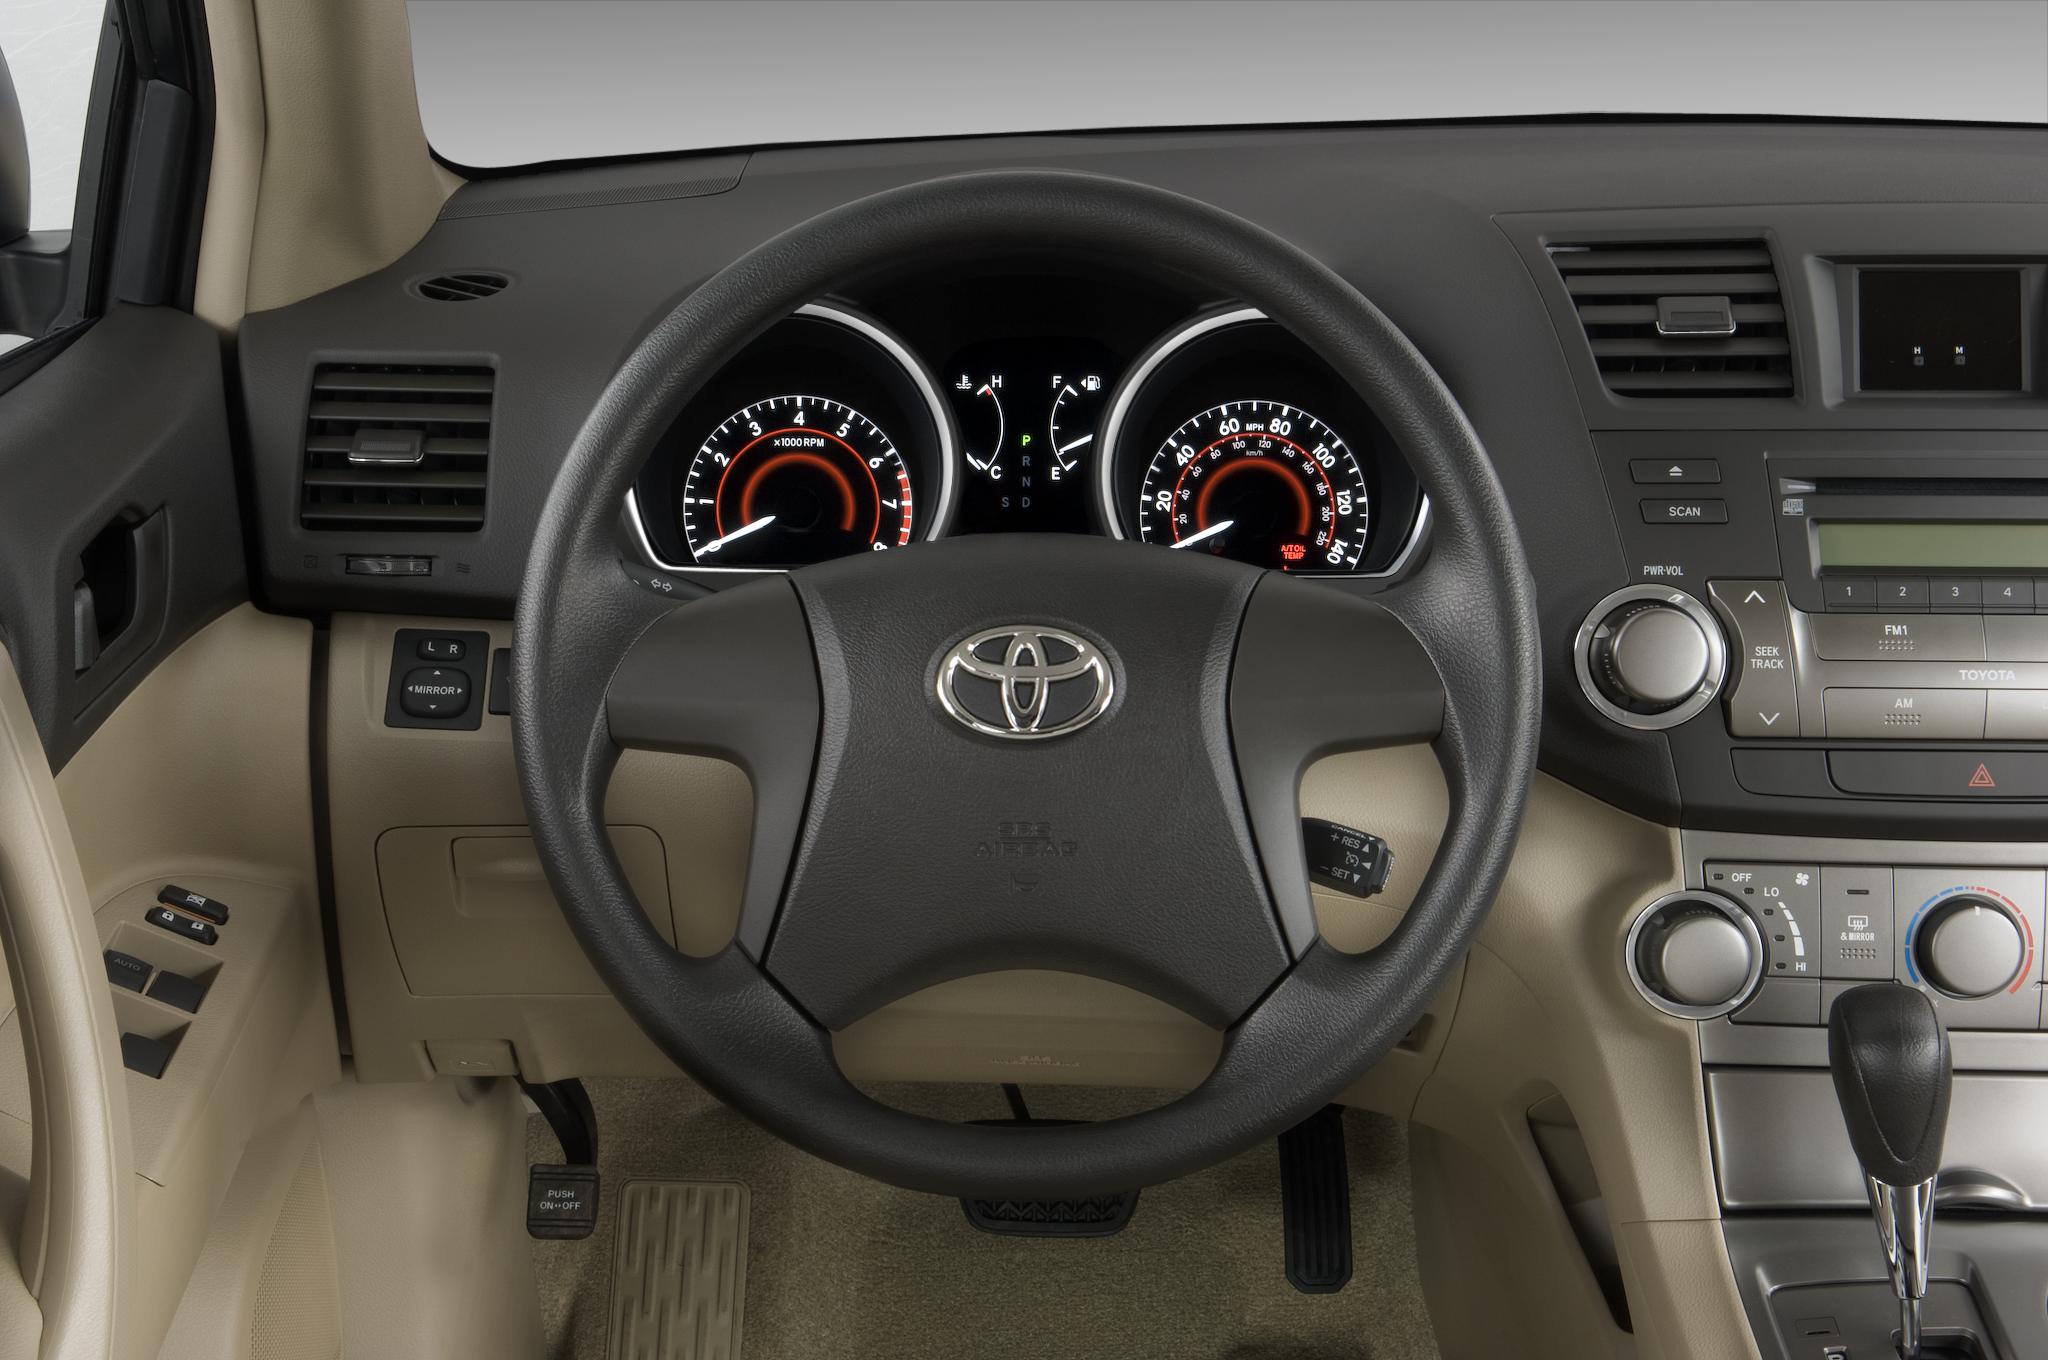 2010 Toyota Highlander Hybrid Limited - Toyota Hybrid SUV Review - Automobile Magazine